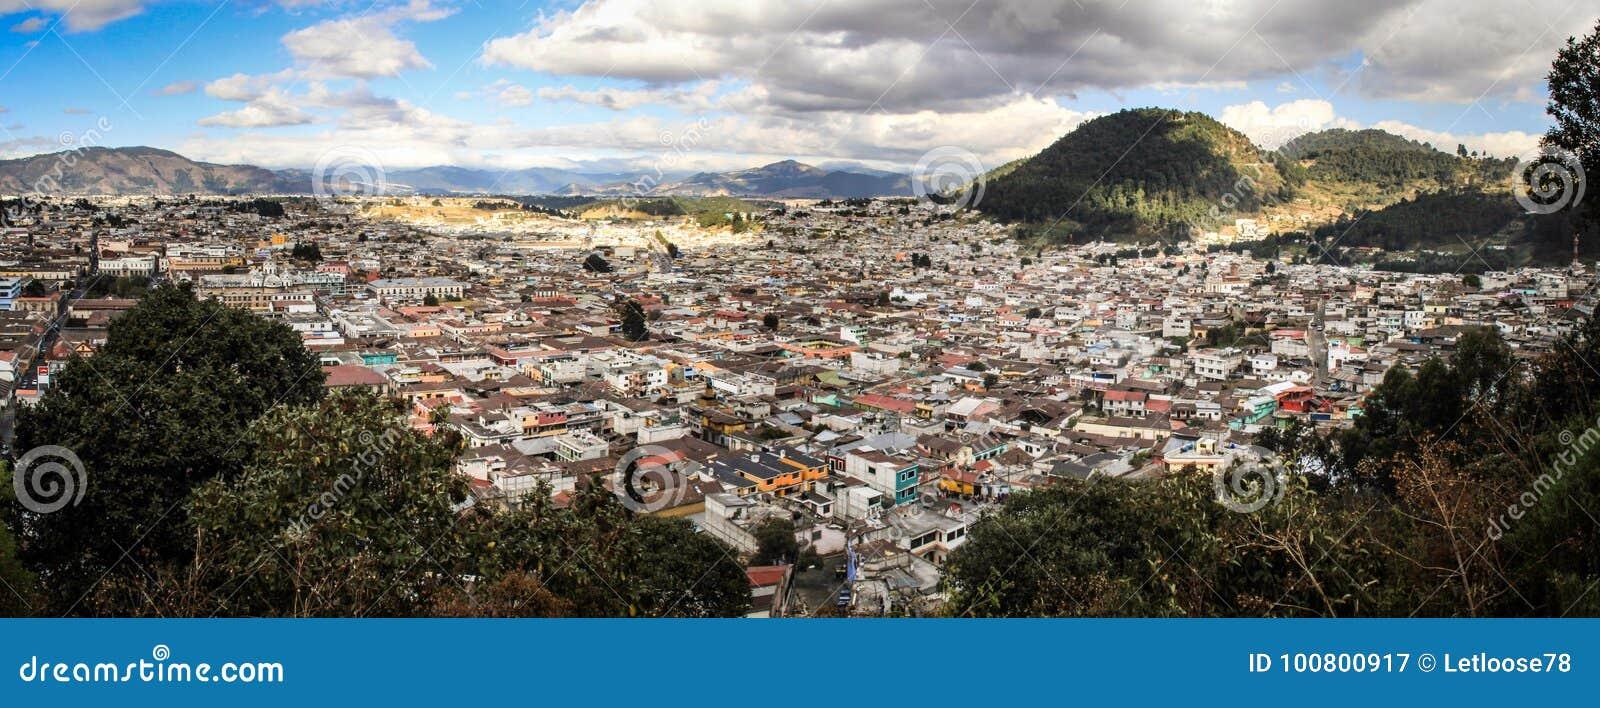 Панорамный взгляд на Quetzaltenango, приходя вниз от Cerro Quemado, Quetzaltenango, Altiplano, Гватемала